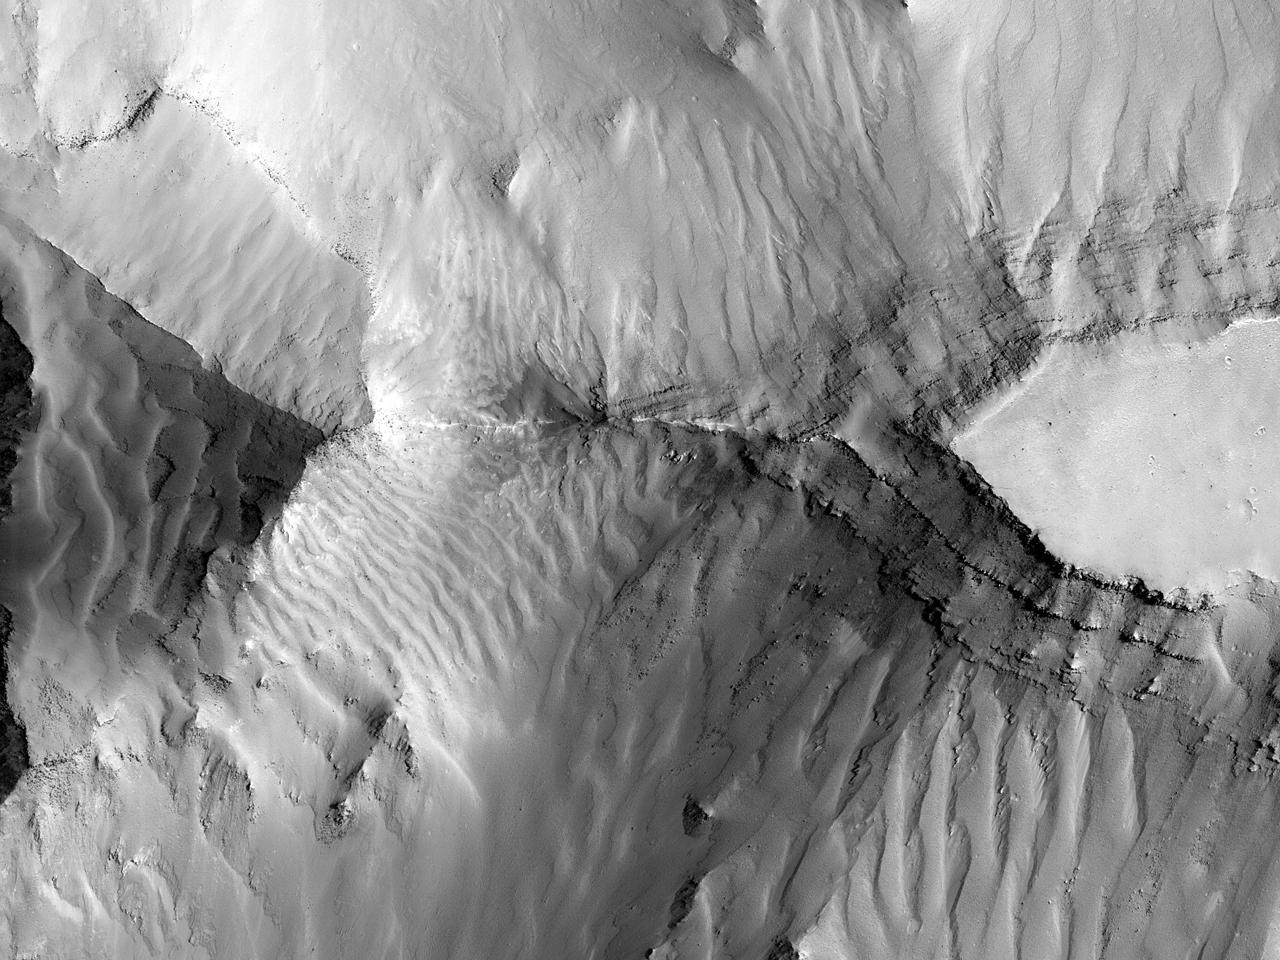 Steinblokker og fallende sanddyner i øst ved Coprates Chasma